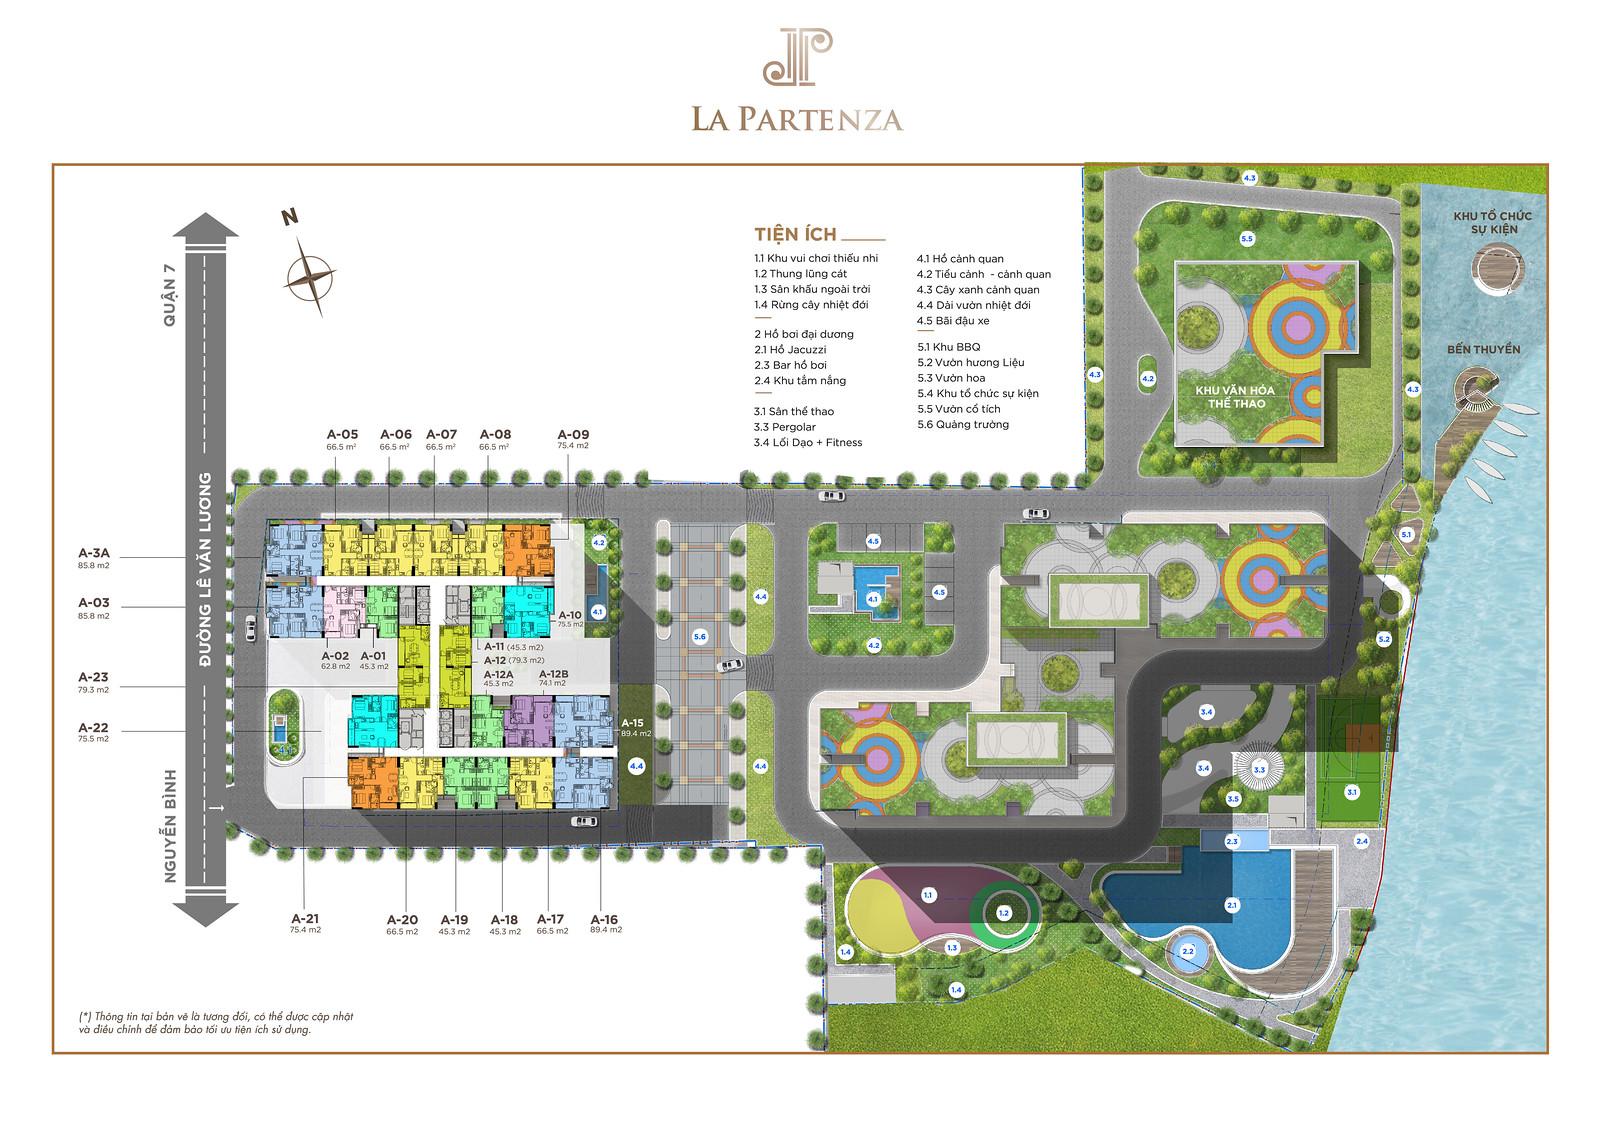 Mặt bằng layout căn hộ La Partenza